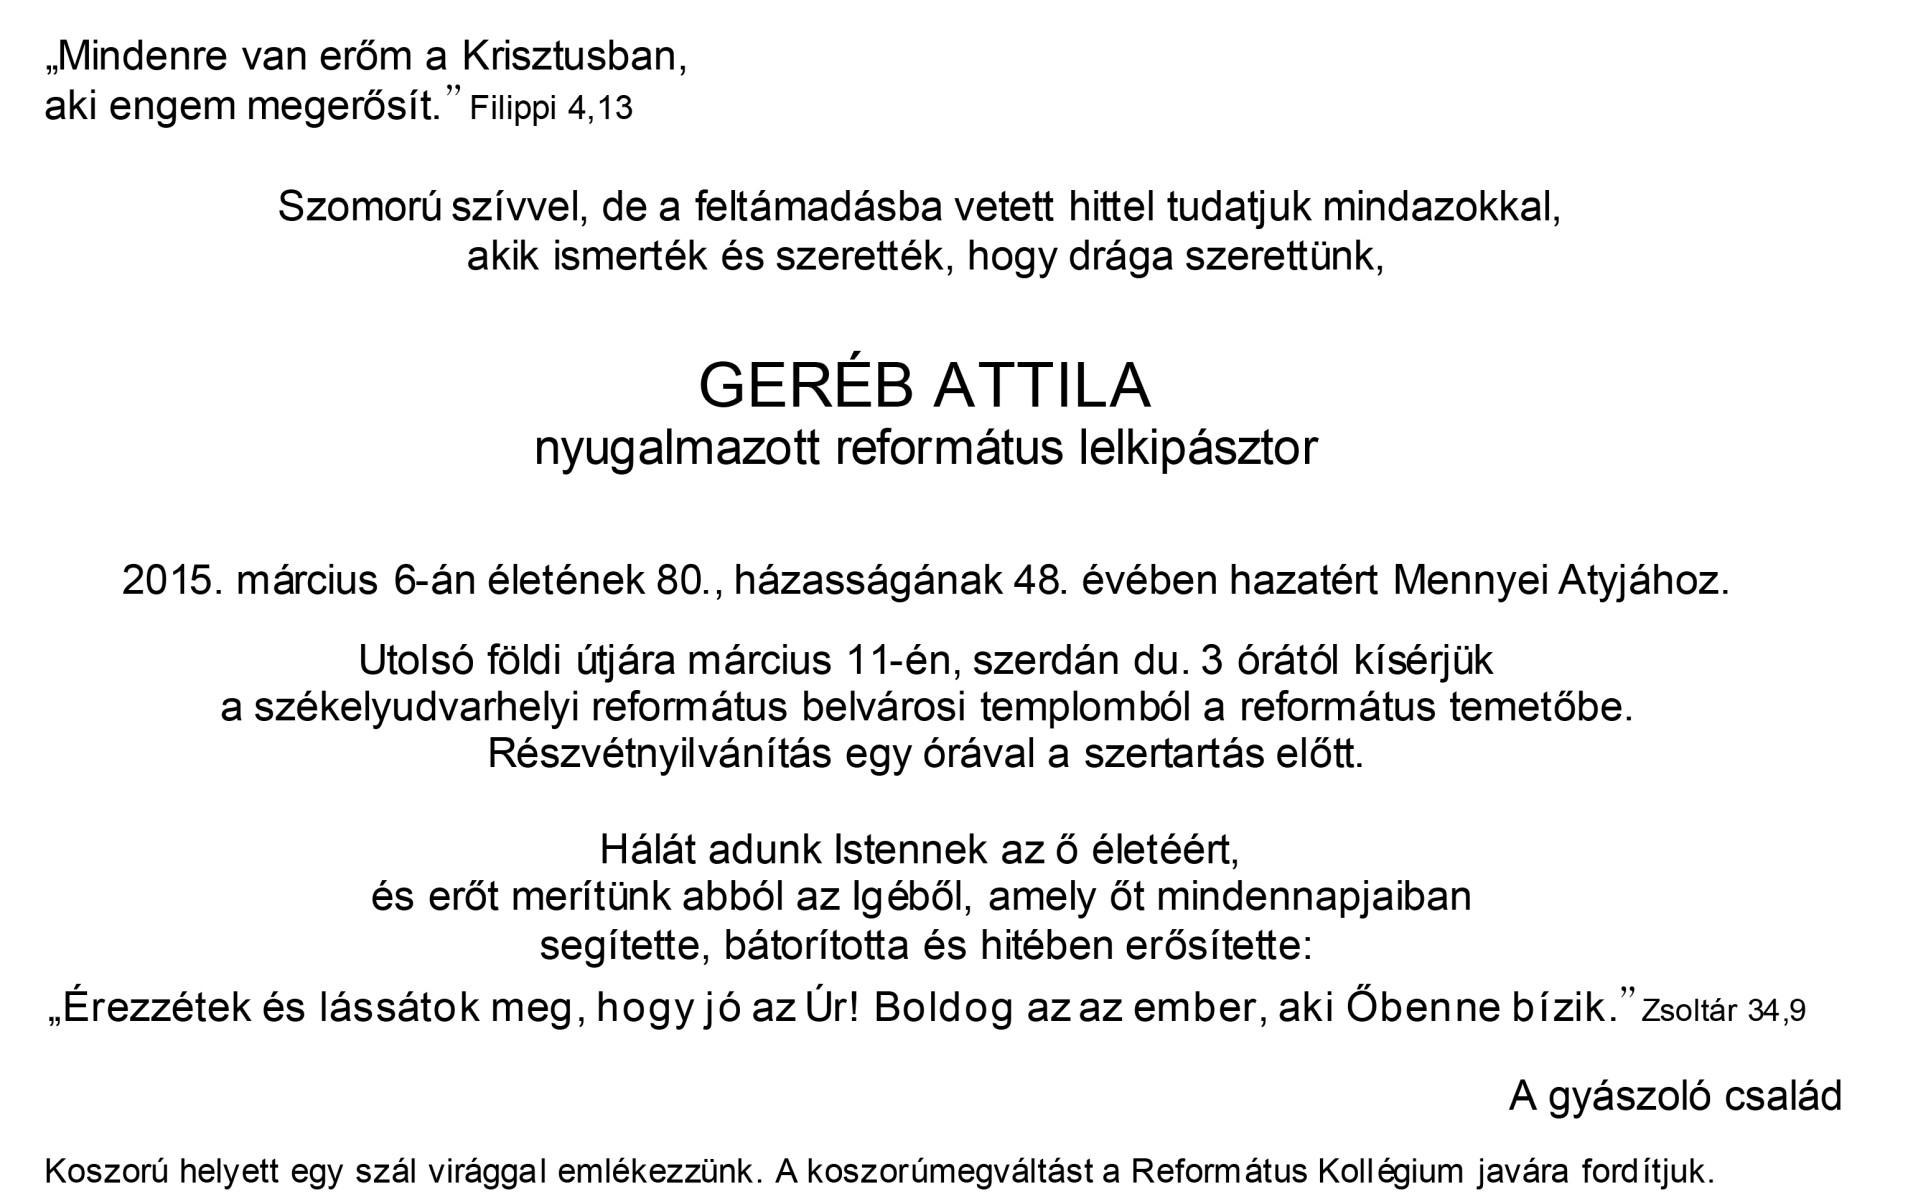 Gyászjelentés - Geréb Attila